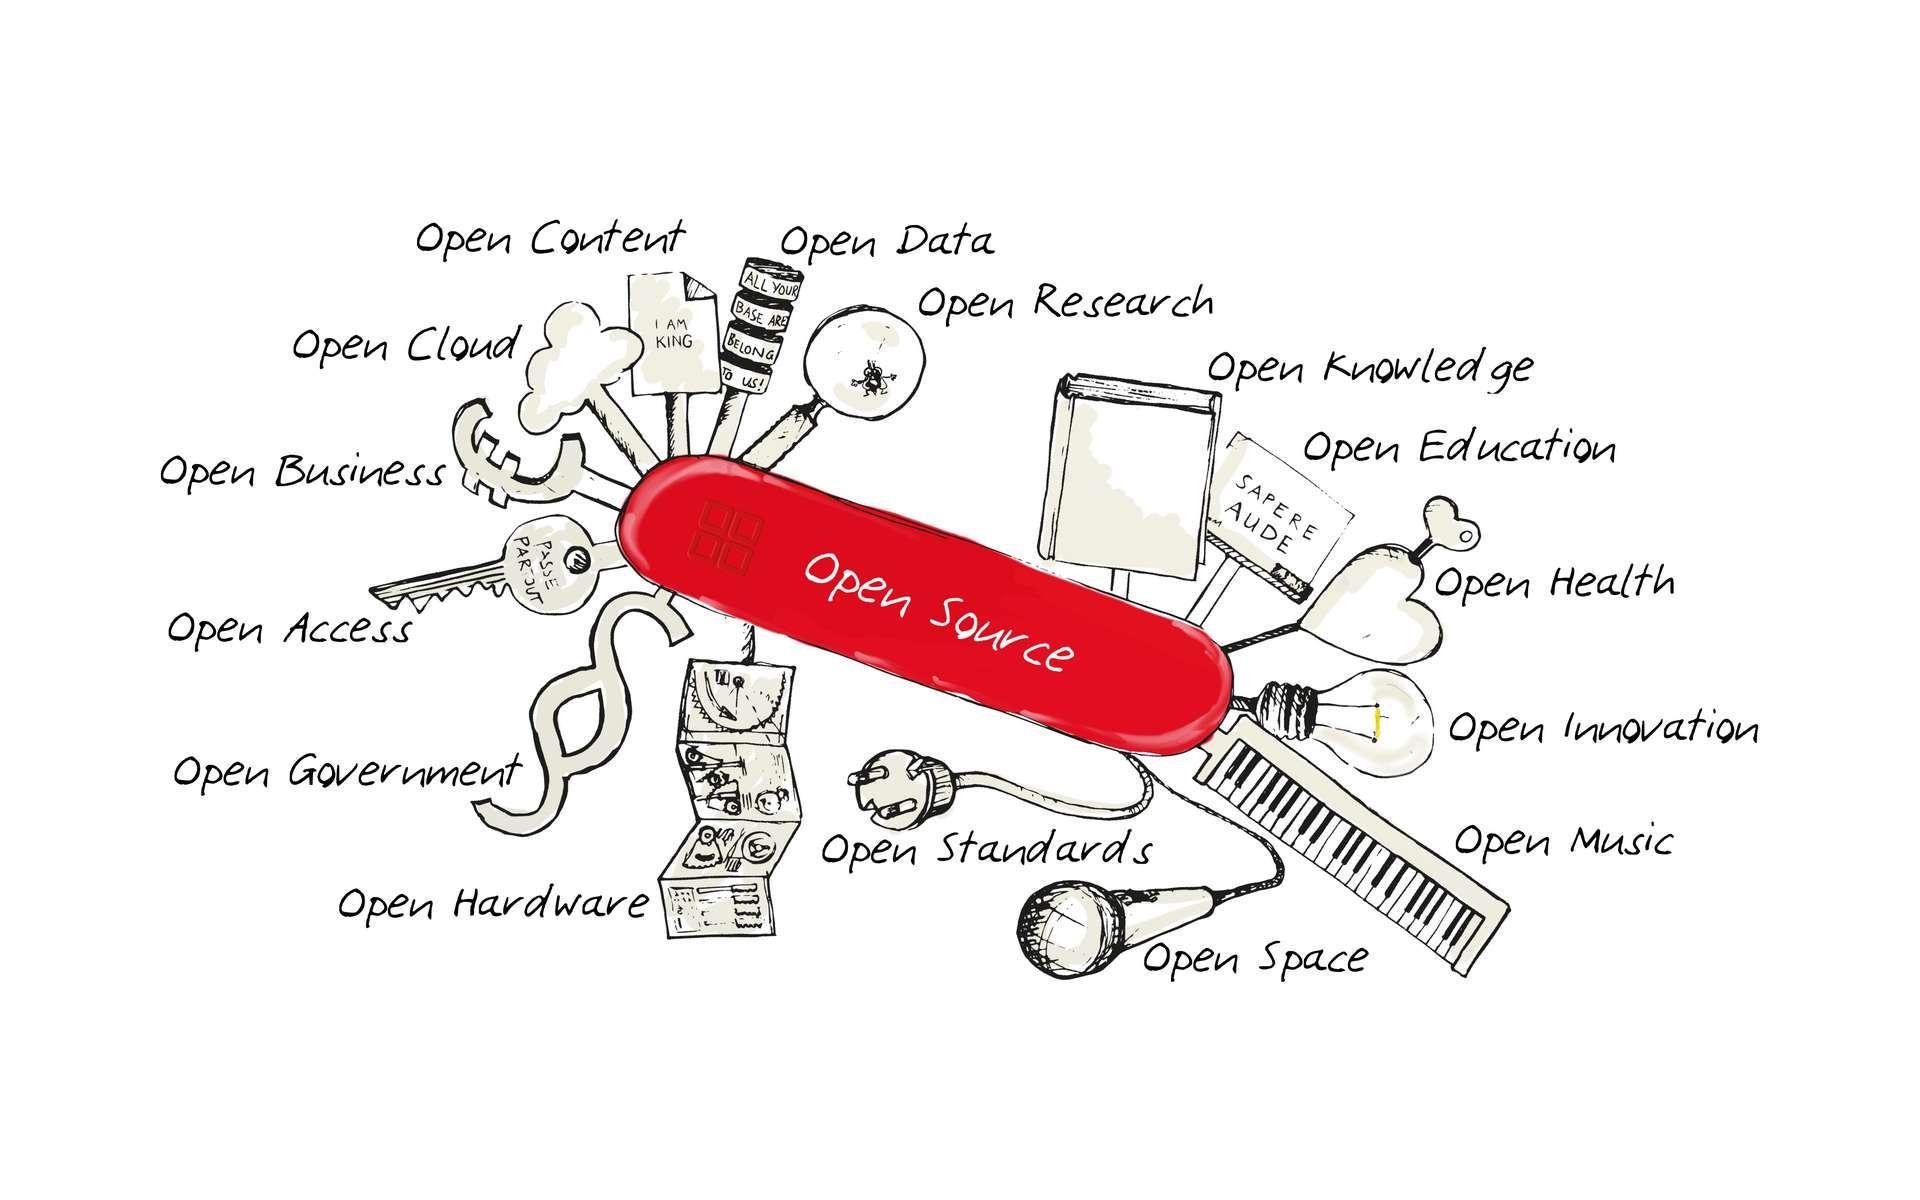 « Swiss Knife » Open Source montrant les mouvements Open pertinents basés sur les principes de l'Open Source. Illustration de l'Open Source Business Foundation. © Johannes Spielhagen, Bamberg, Allemagne, Wikimedia Commons, CC by-sa 3.0